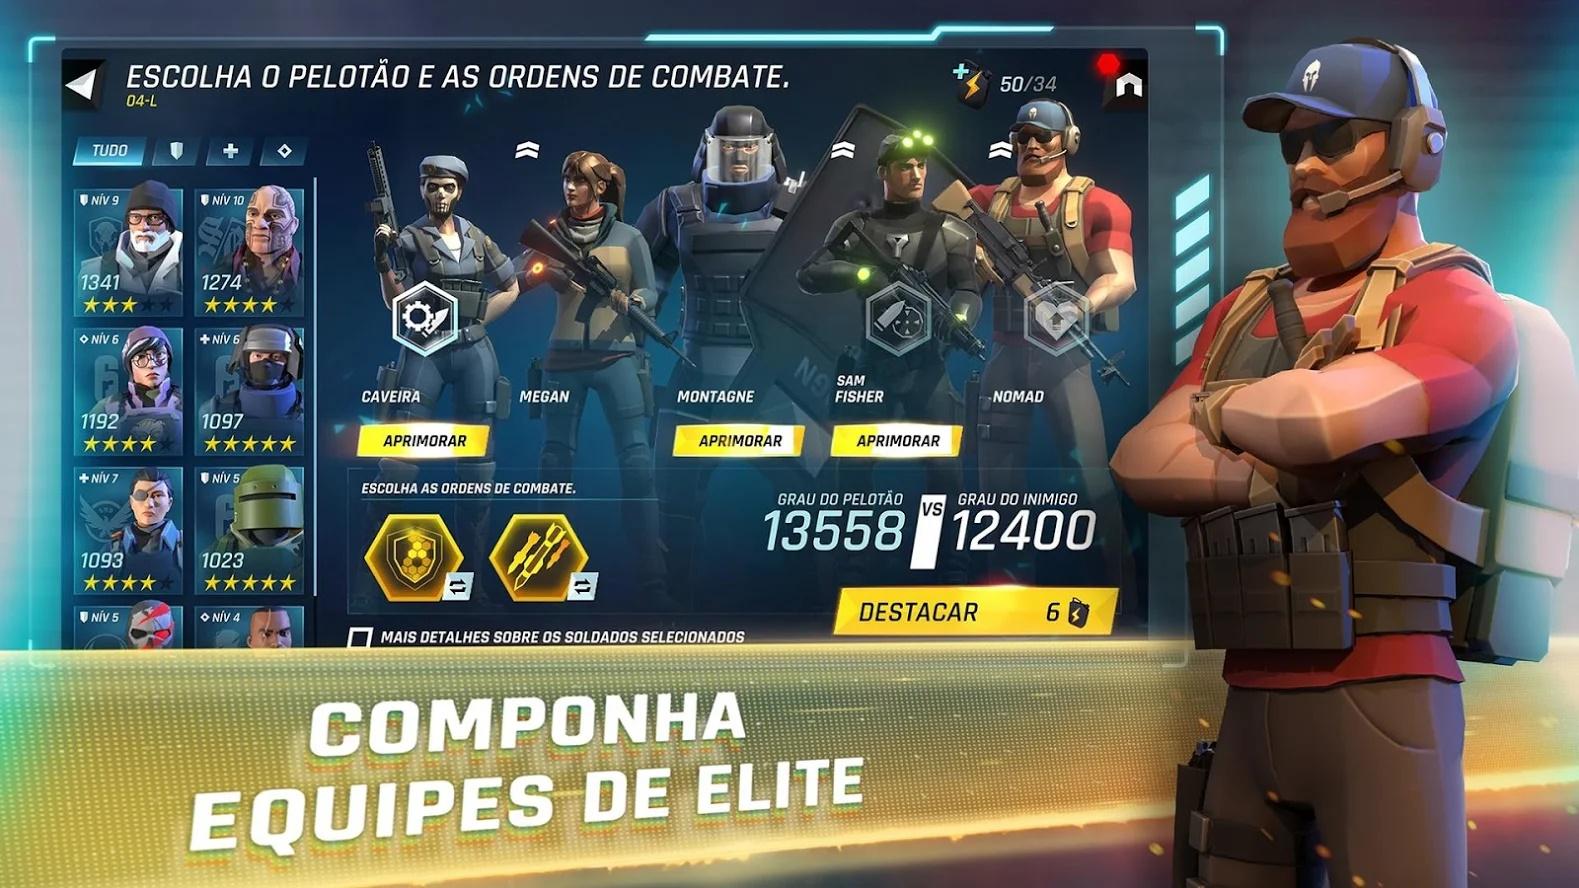 Tom Clancy's Elite Squad equipes de elite